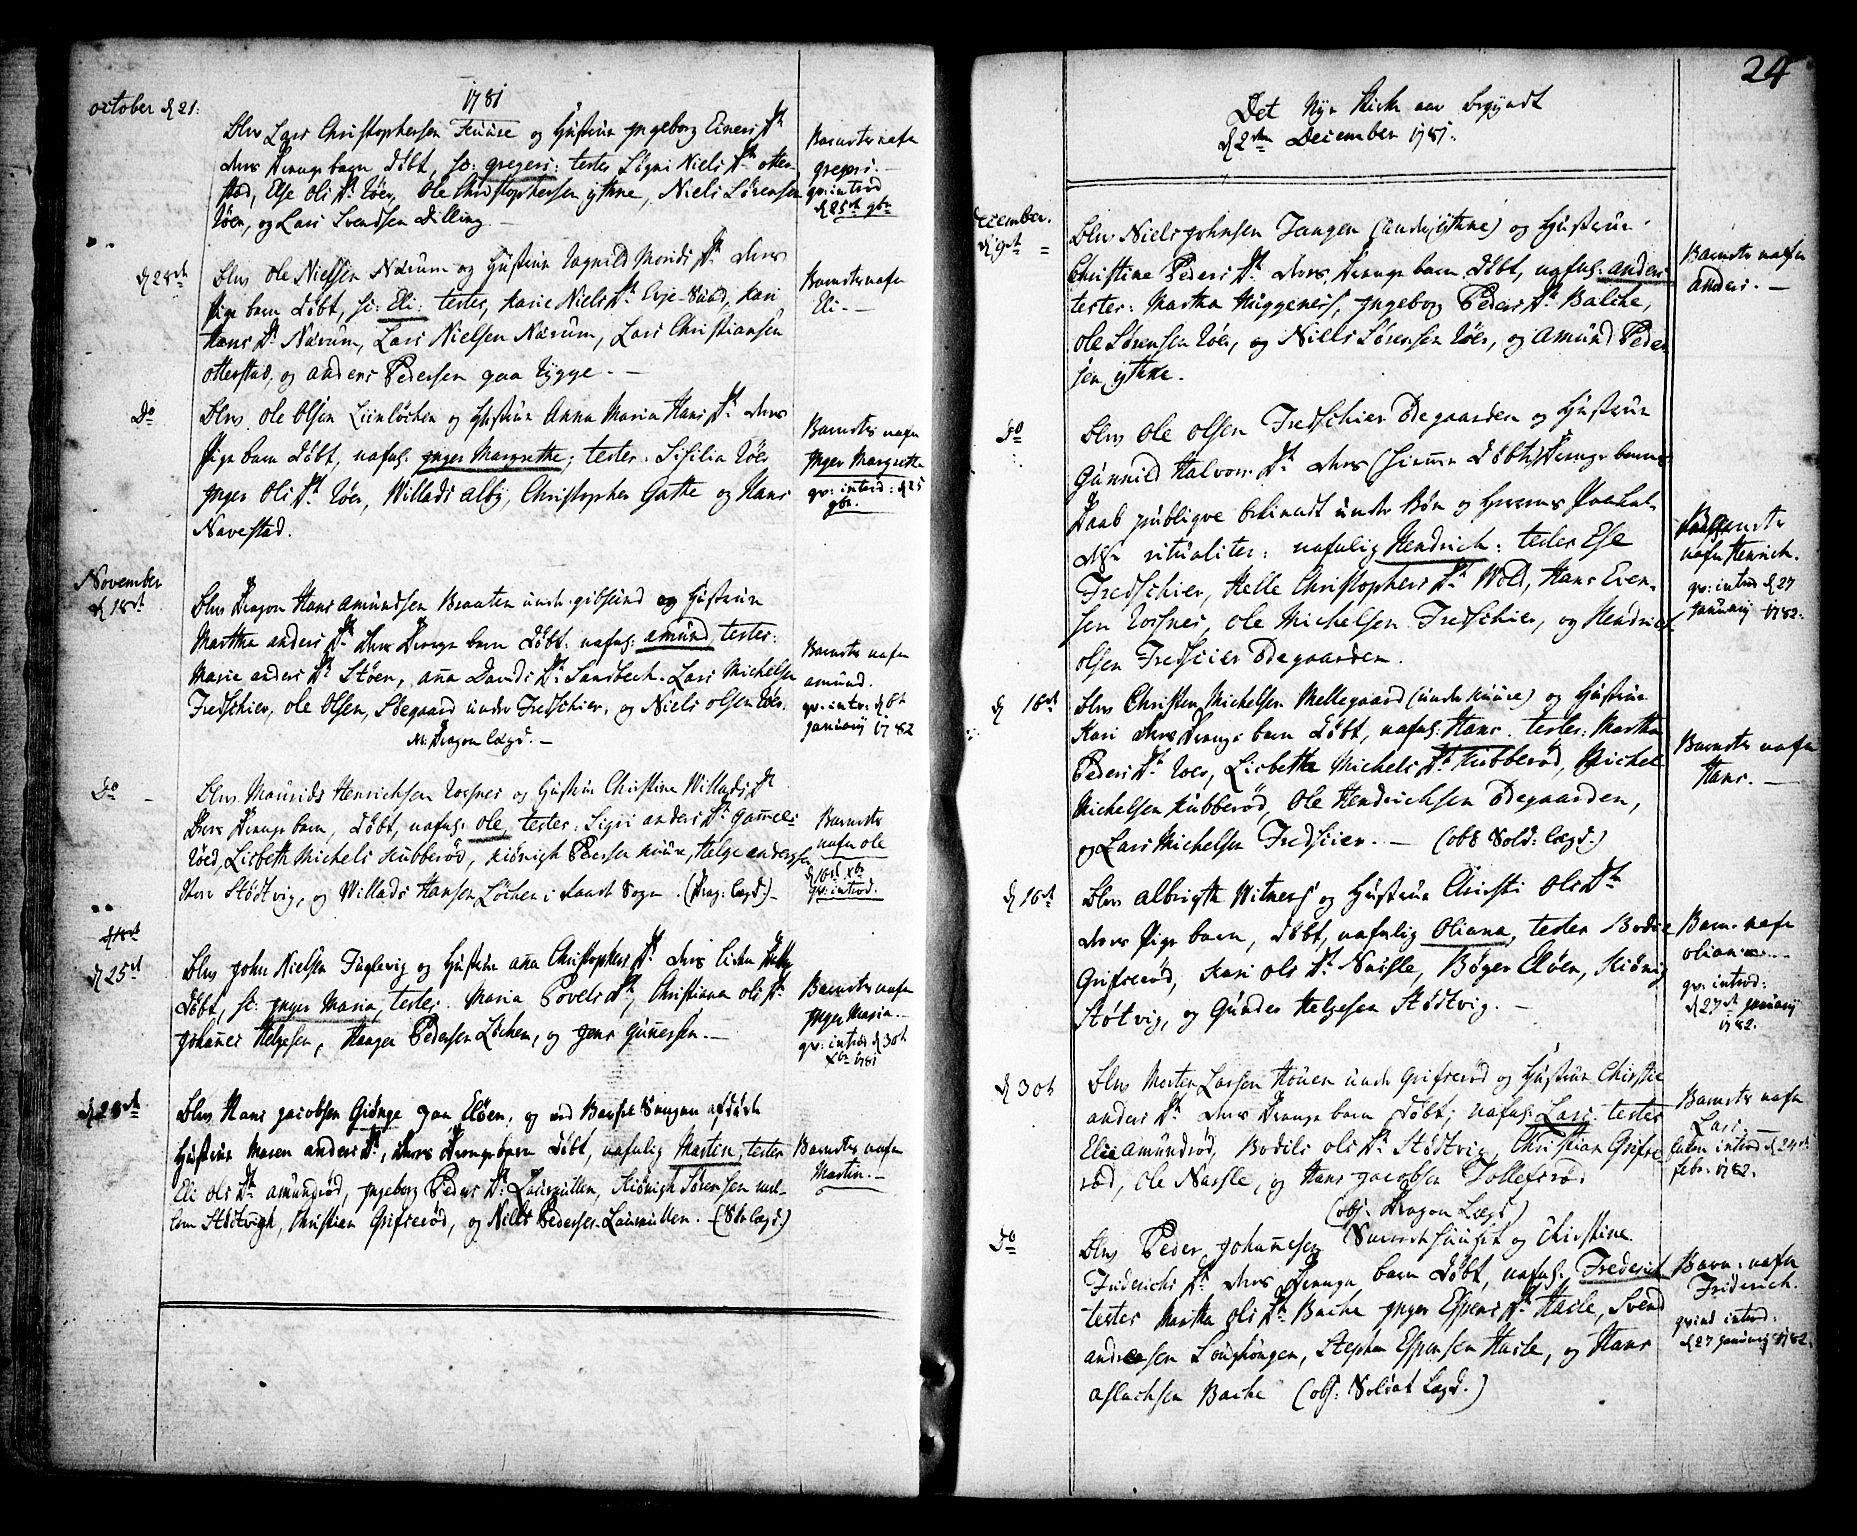 SAO, Rygge prestekontor Kirkebøker, F/Fa/L0002: Ministerialbok nr. 2, 1771-1814, s. 24